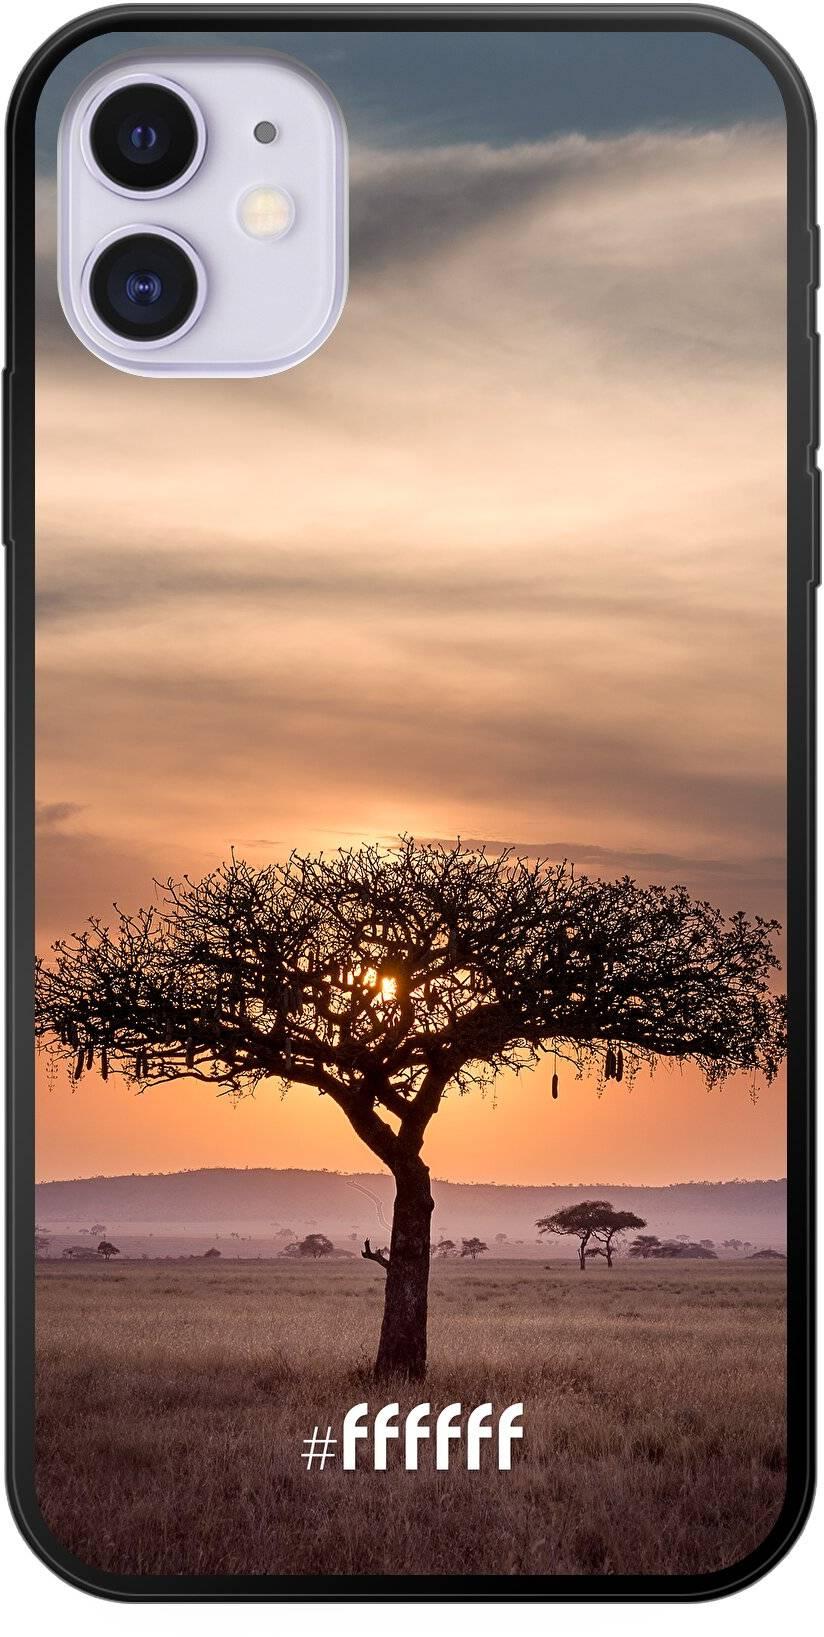 Tanzania iPhone 11